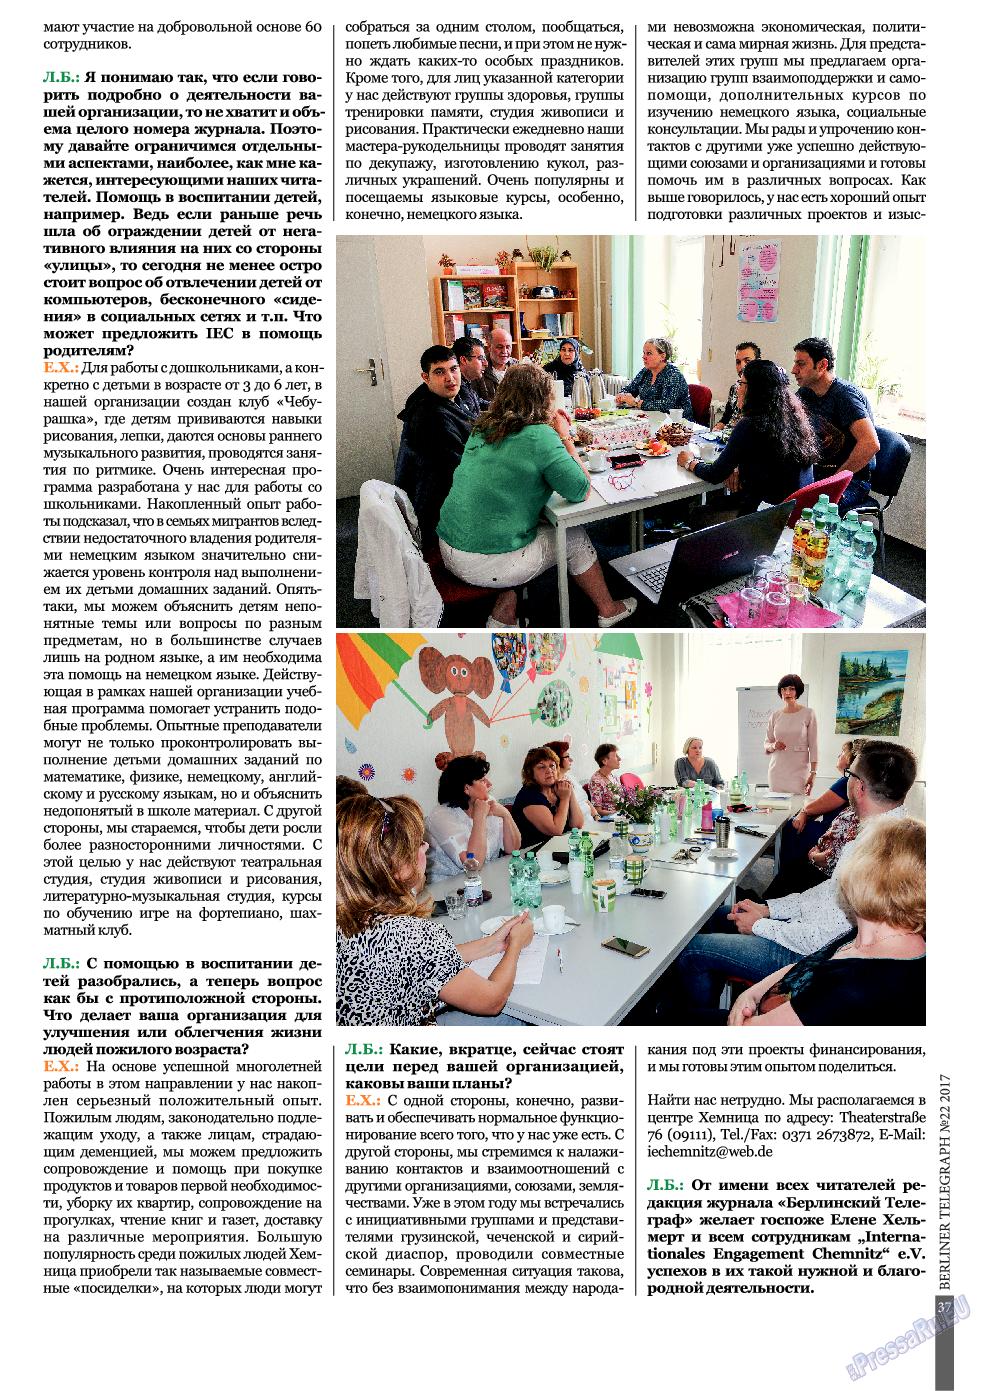 Берлинский телеграф (журнал). 2017 год, номер 22, стр. 37